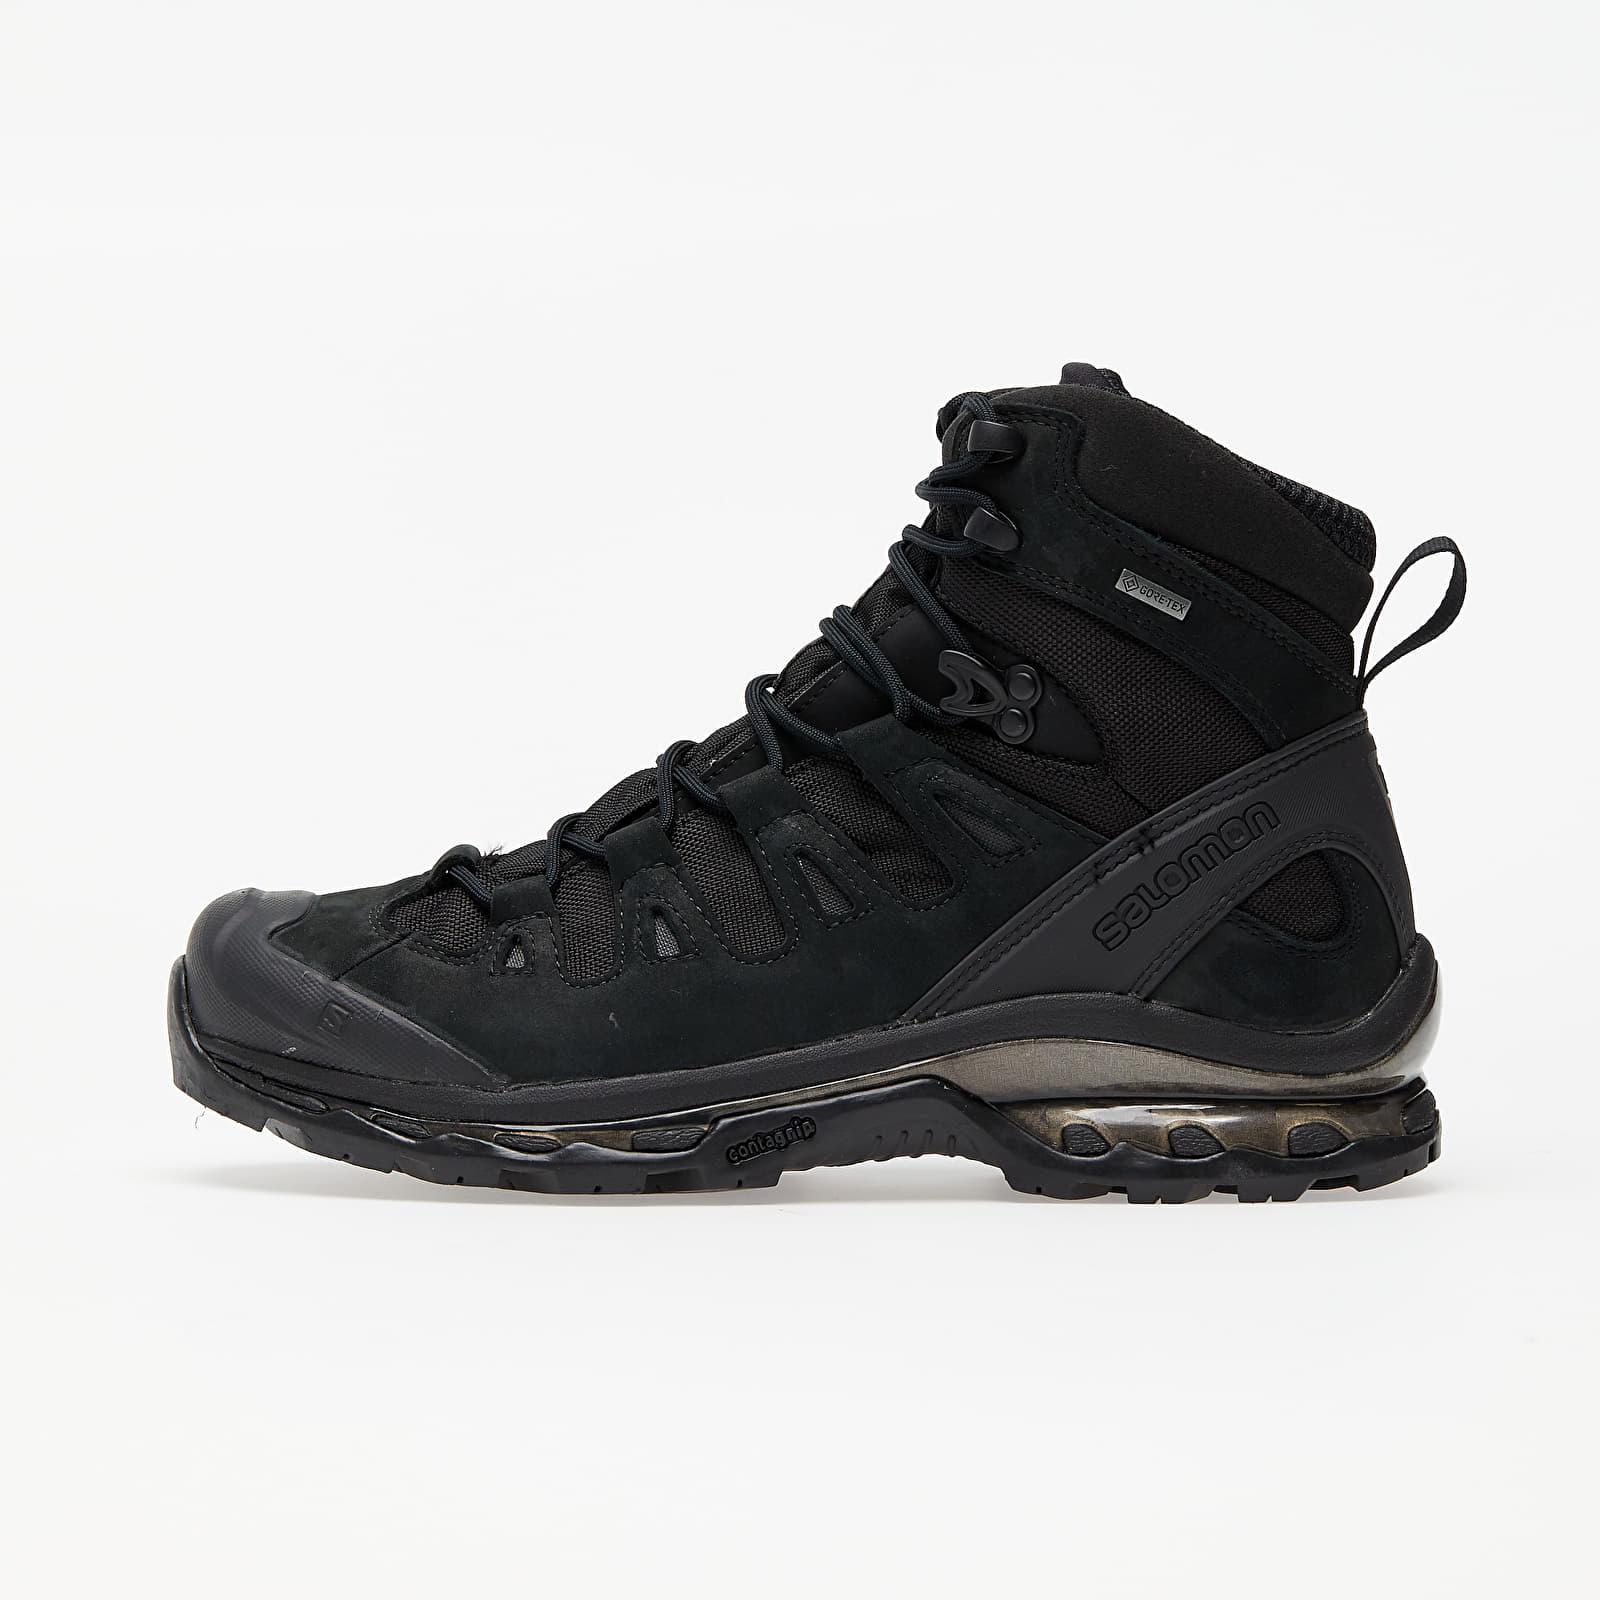 Мъжки кецове и обувки Salomon Quest 4D Gtx Advanced Black/ Black/ Magnet